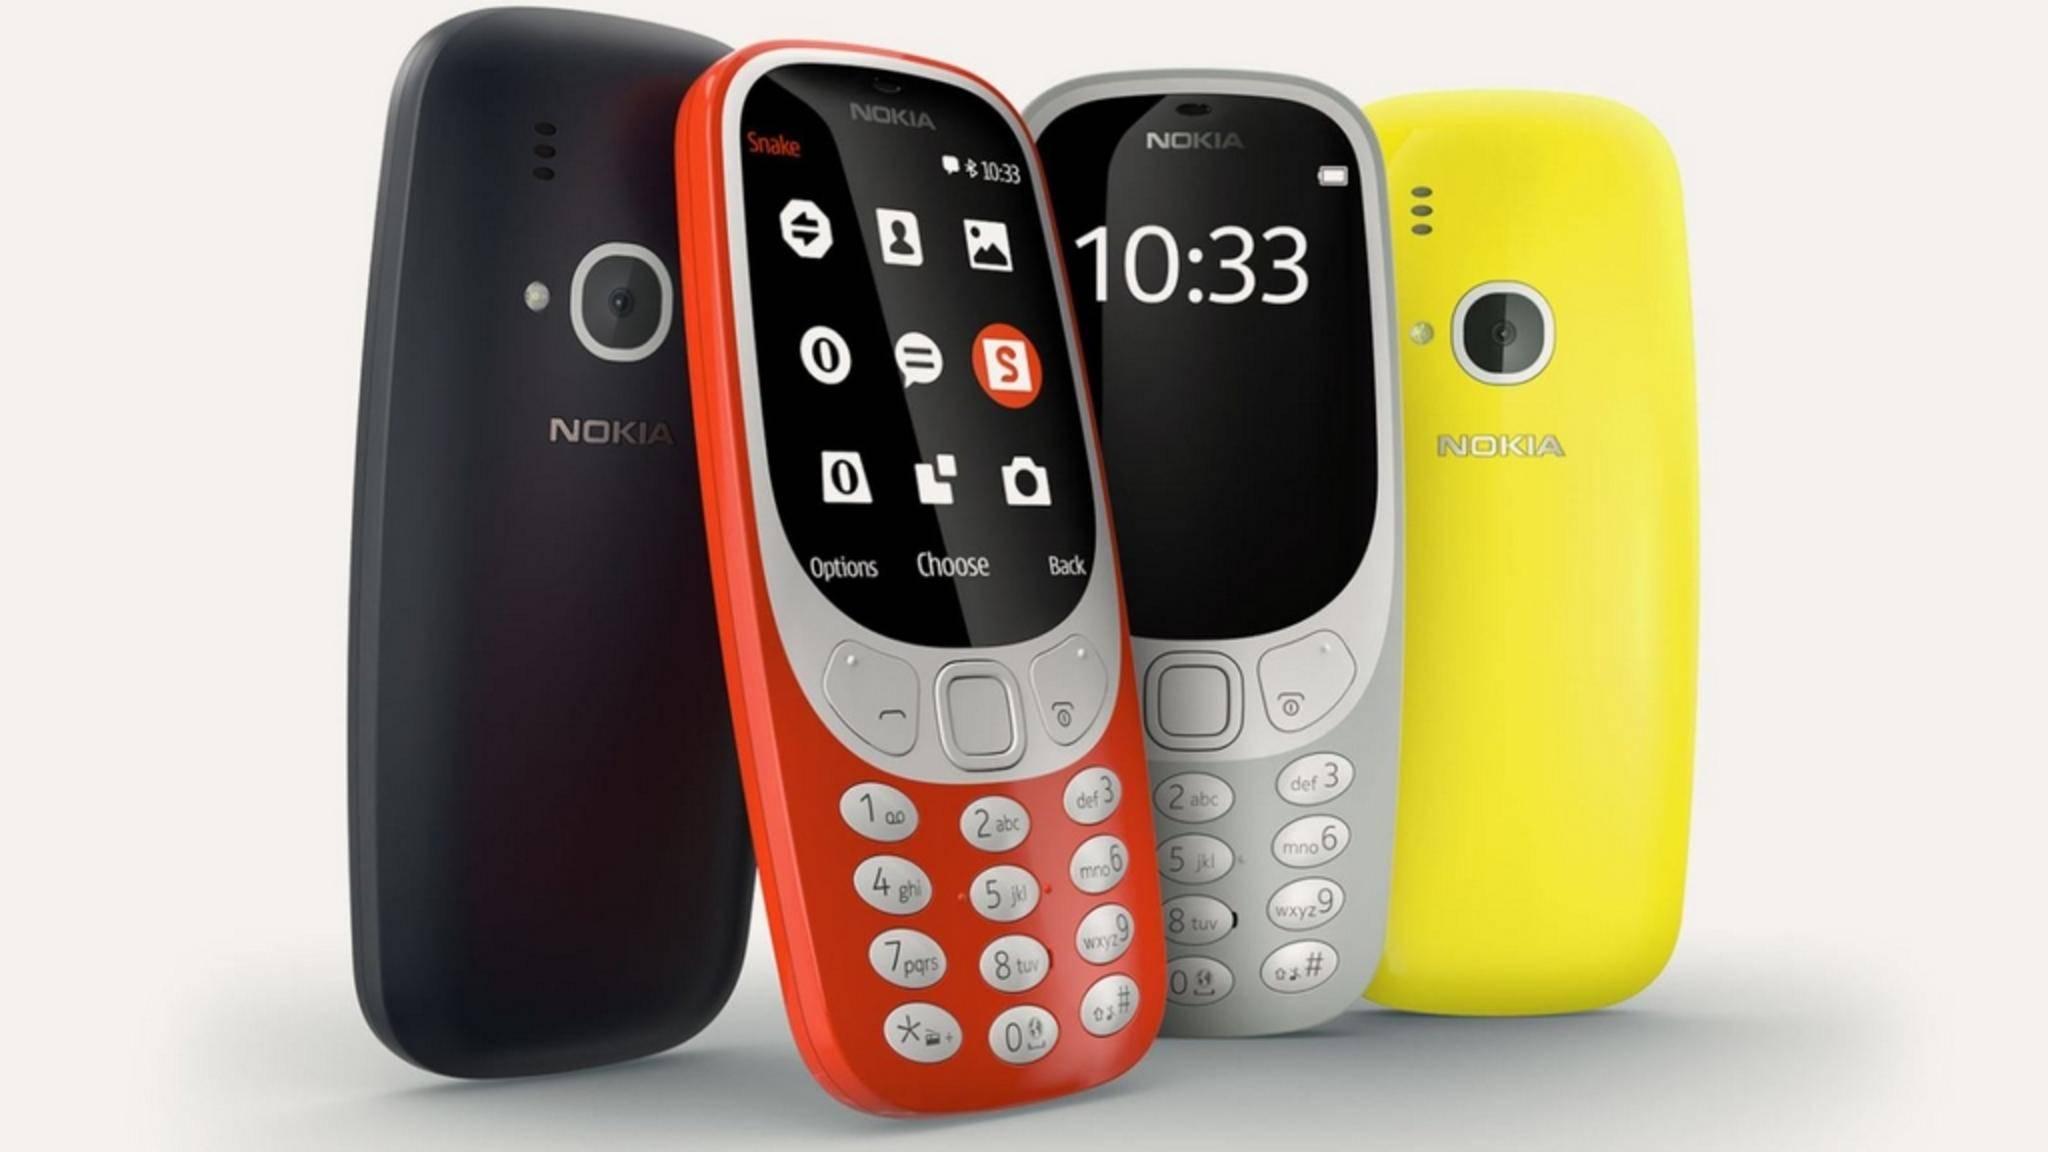 Mit dem Nokia 3310 kommt bald ein Handy-Klassiker zurück.